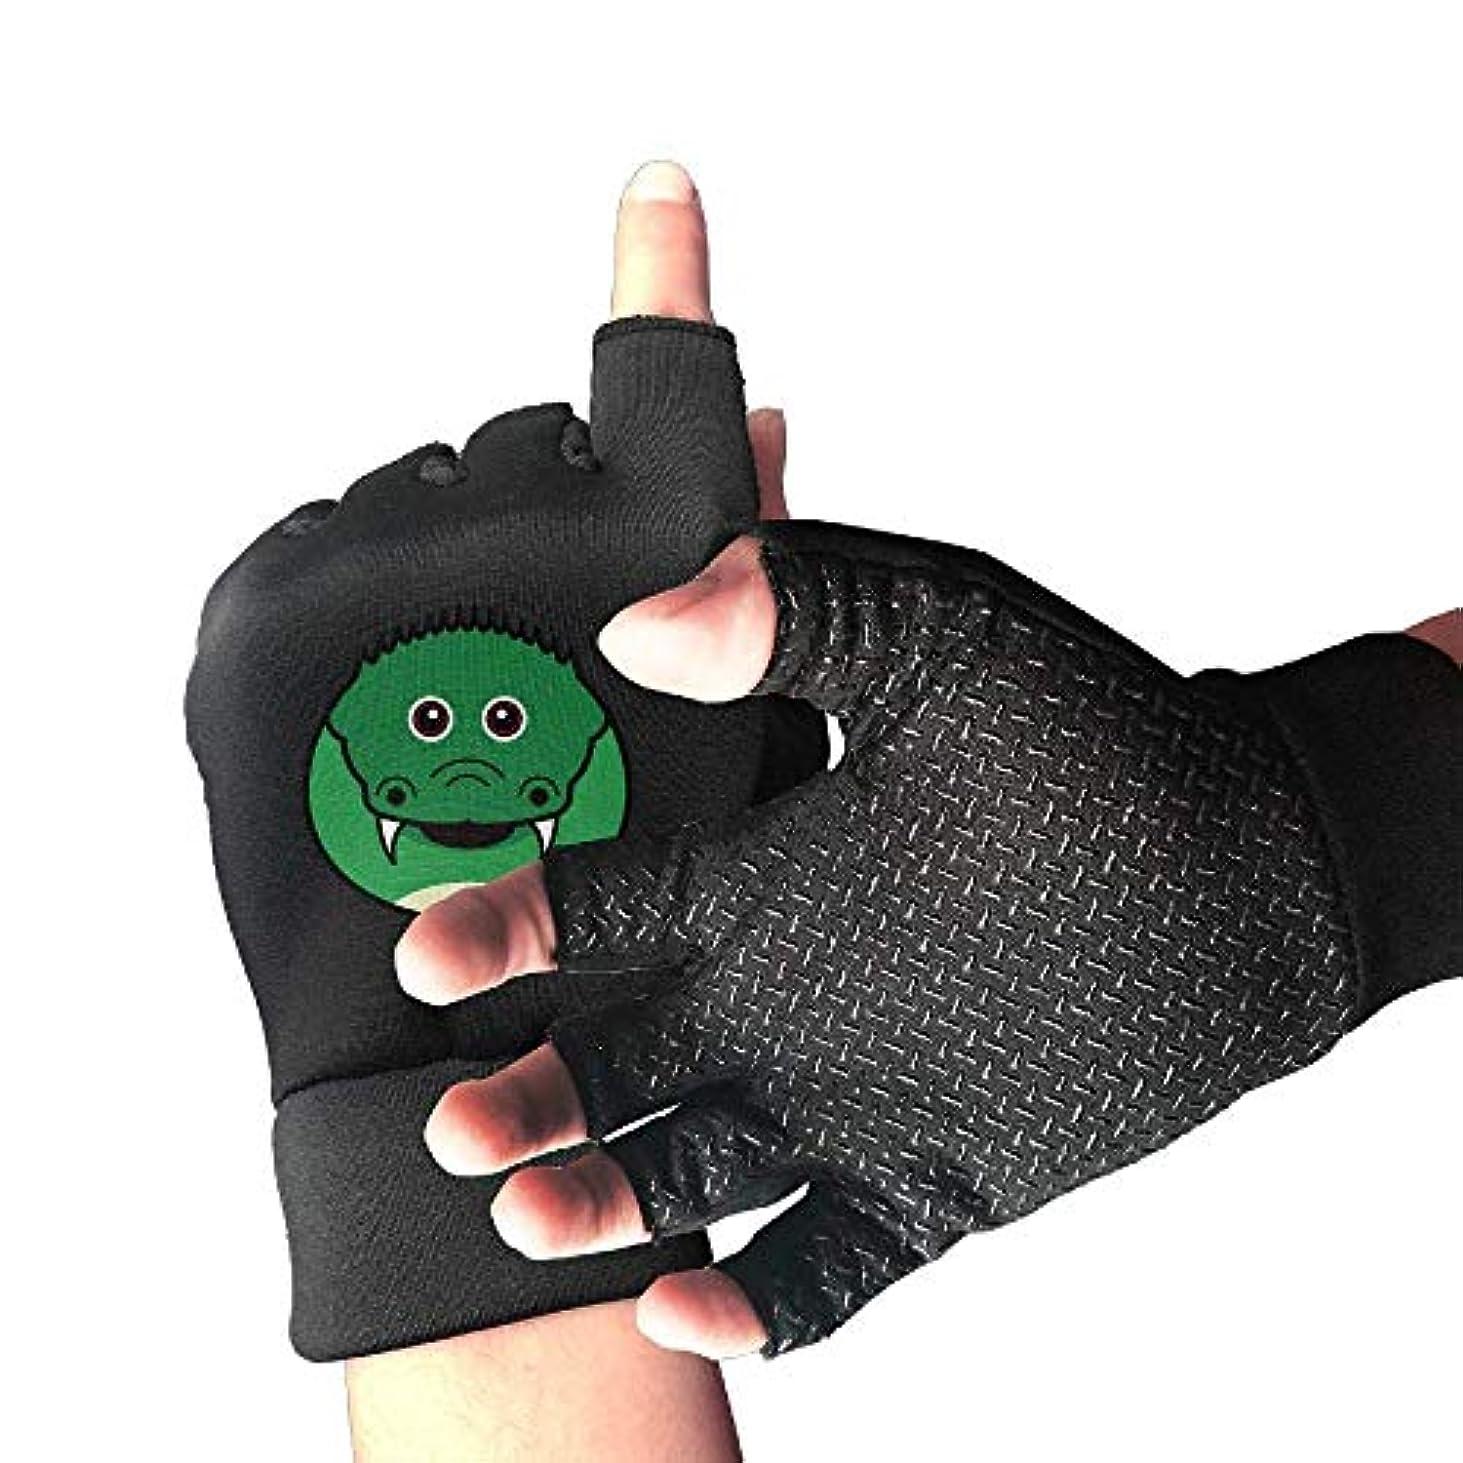 悪用以来安価なCycling Gloves Snake Face Men's/Women's Mountain Bike Gloves Half Finger Anti-Slip Motorcycle Gloves